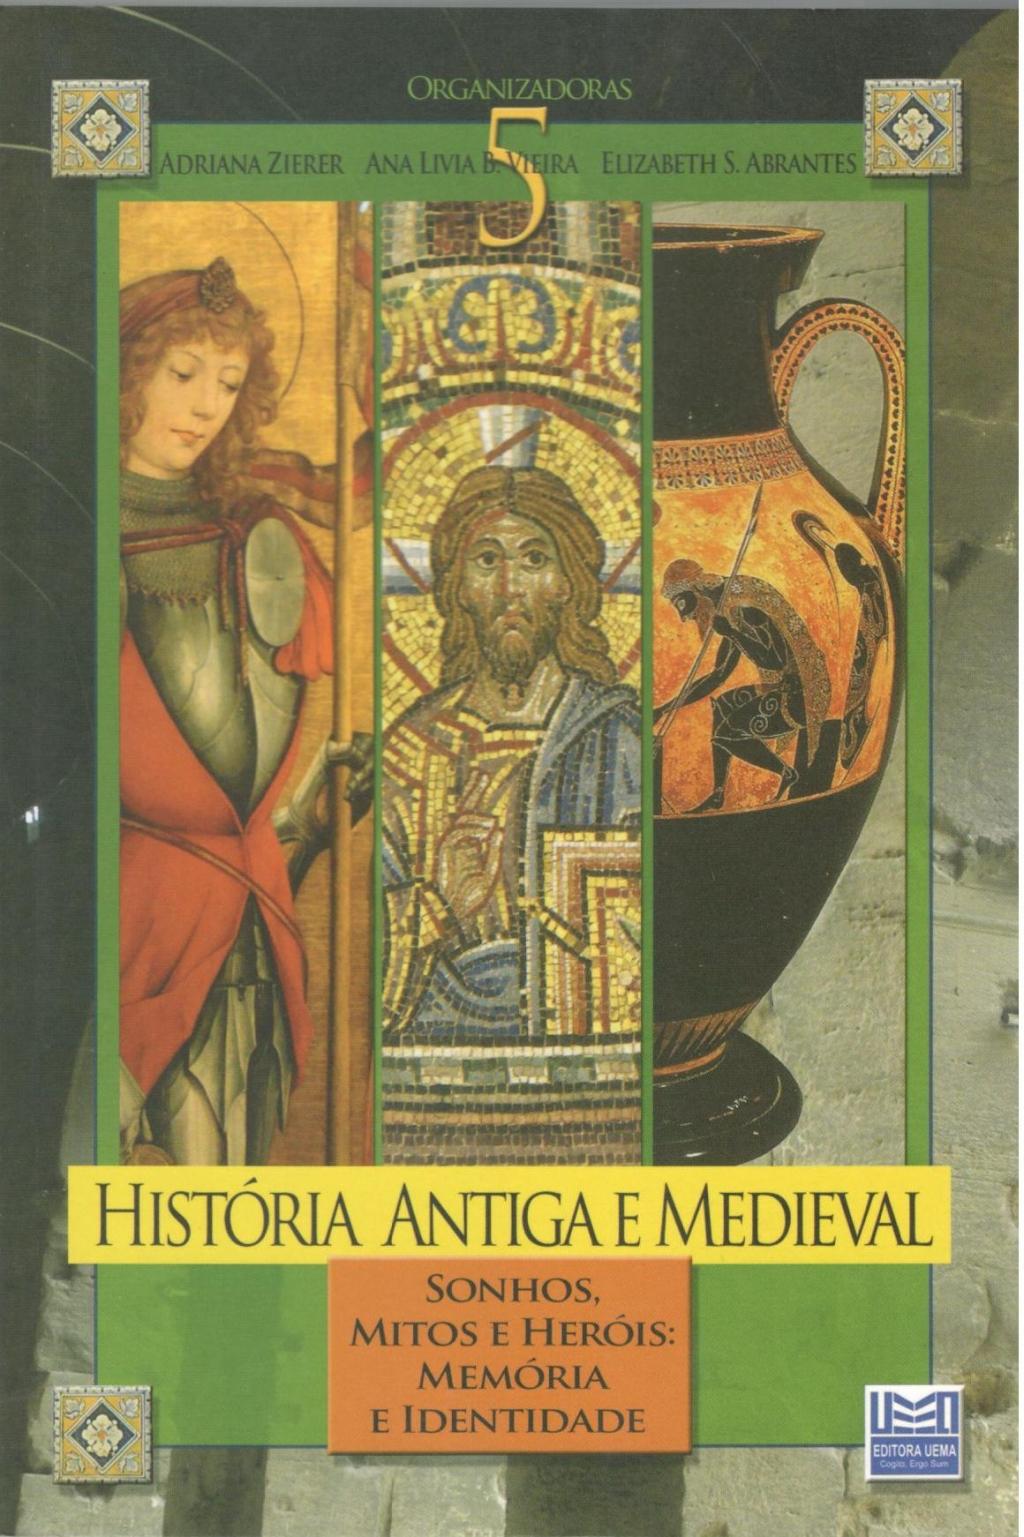 História antiga e medieval vol V (Esgotado)